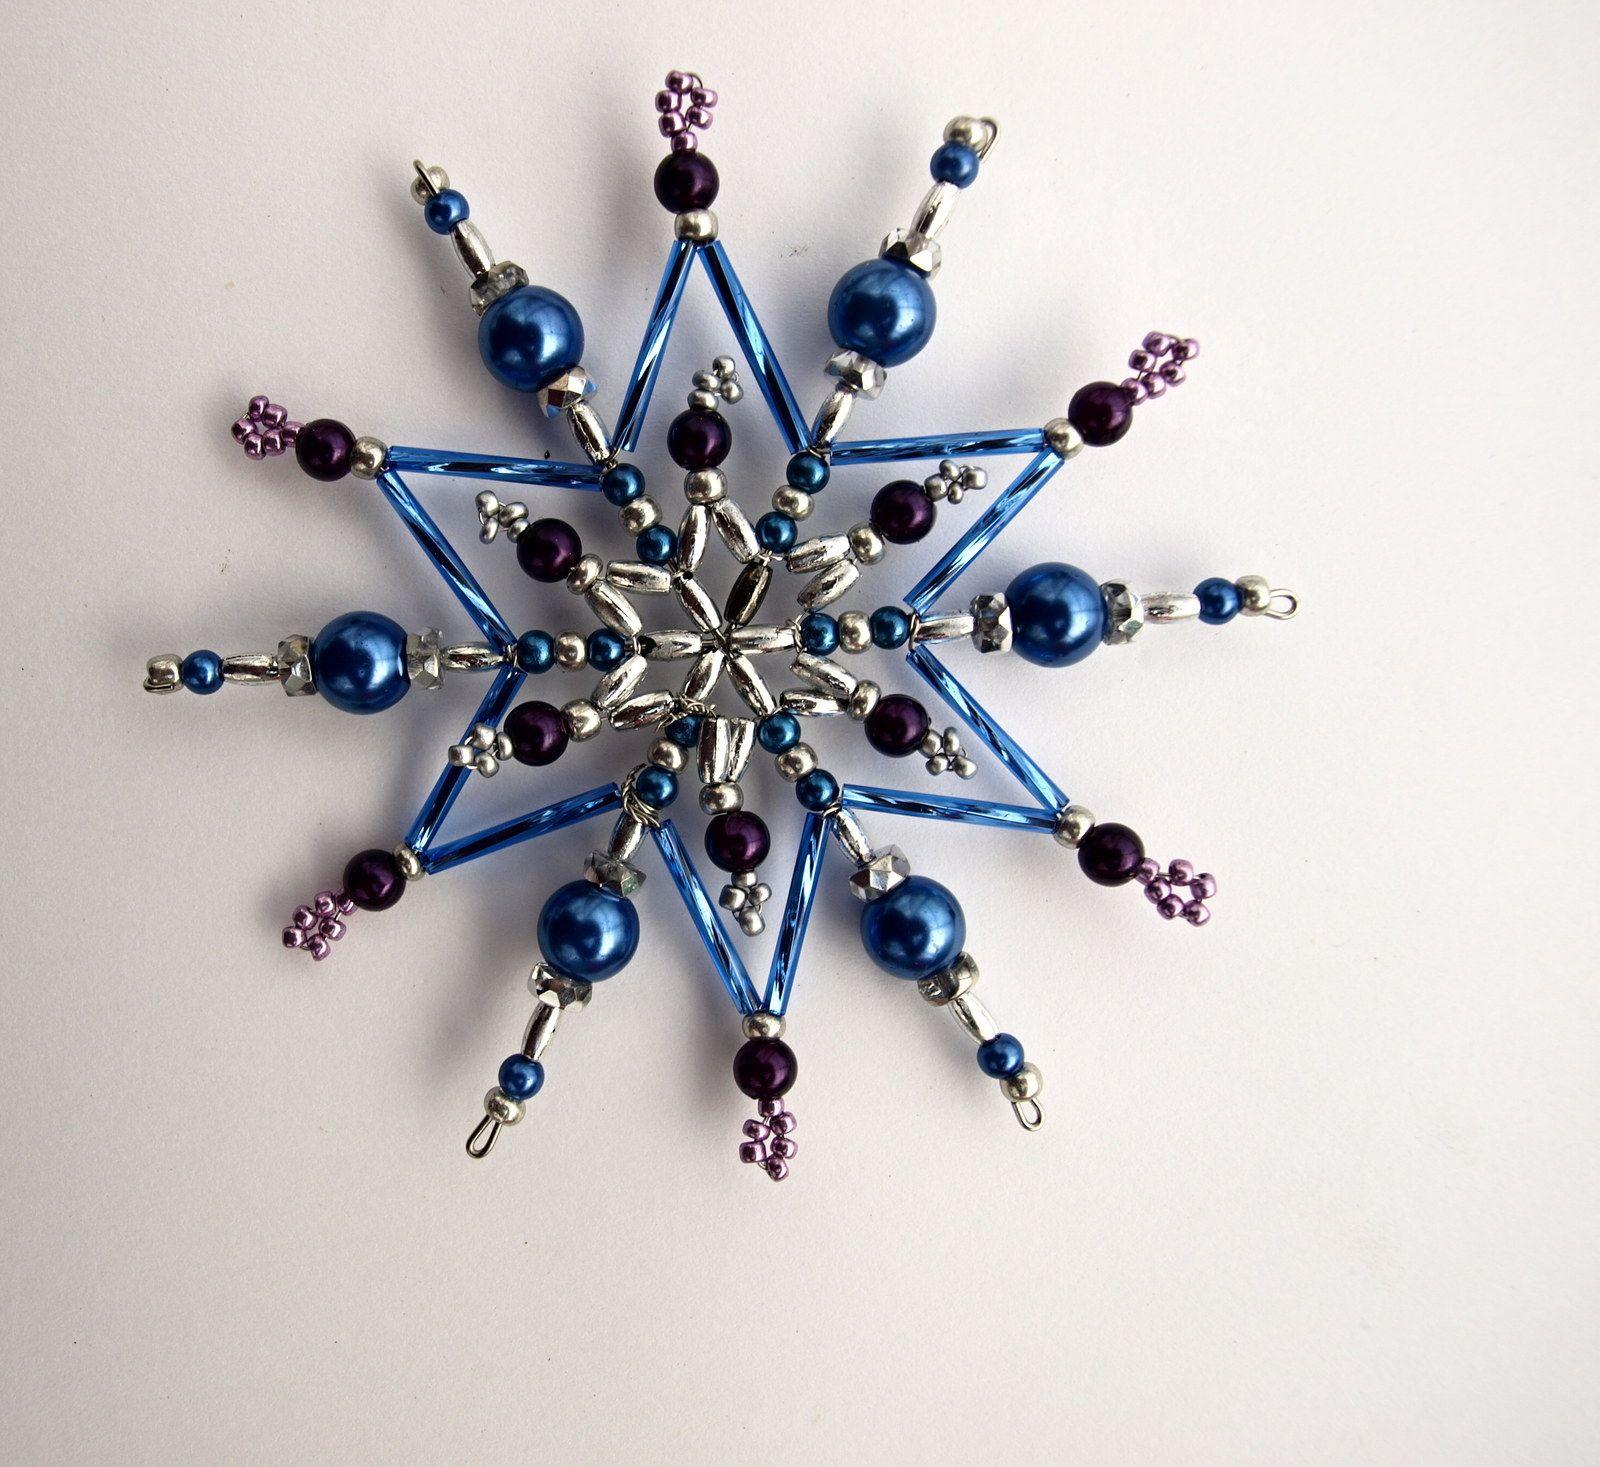 Vánoční hvězda z korálků Vánoční hvězdička z korálků a perliček na pevné drátěné konstrukci , velikost 10 cm v barvách stříbrná fialová tmavě modrá